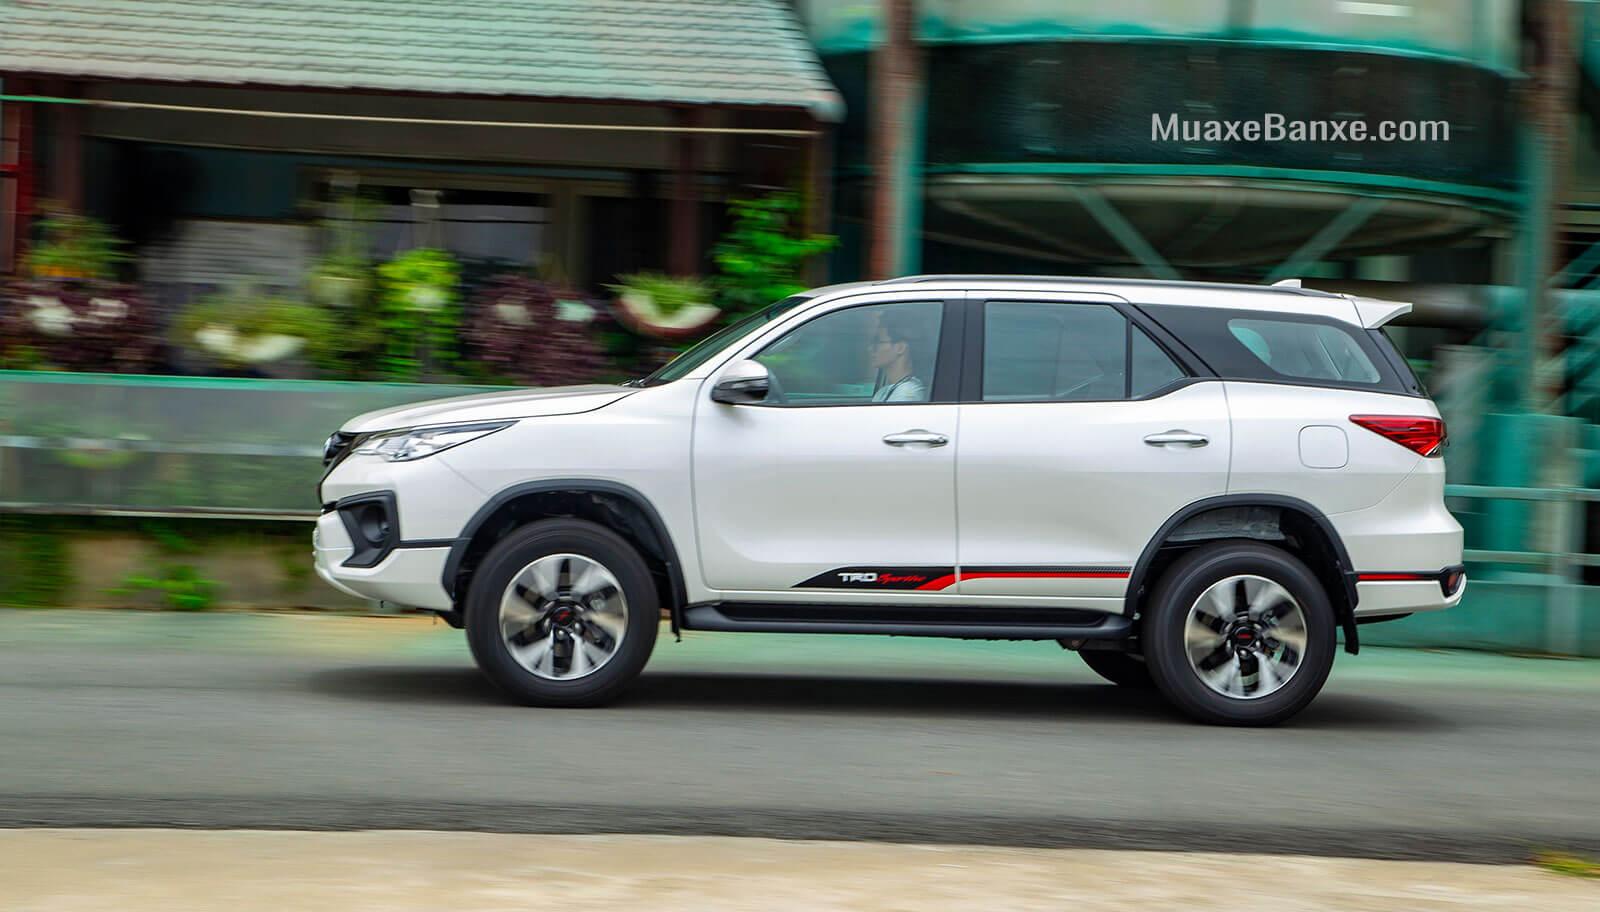 hong xe toyota fortuner trd sportivo 2020 27l 42 may xang toyota tan cang - Đánh giá xe Toyota Fortuner 2021, SUV bán chạy nhất Việt Nam